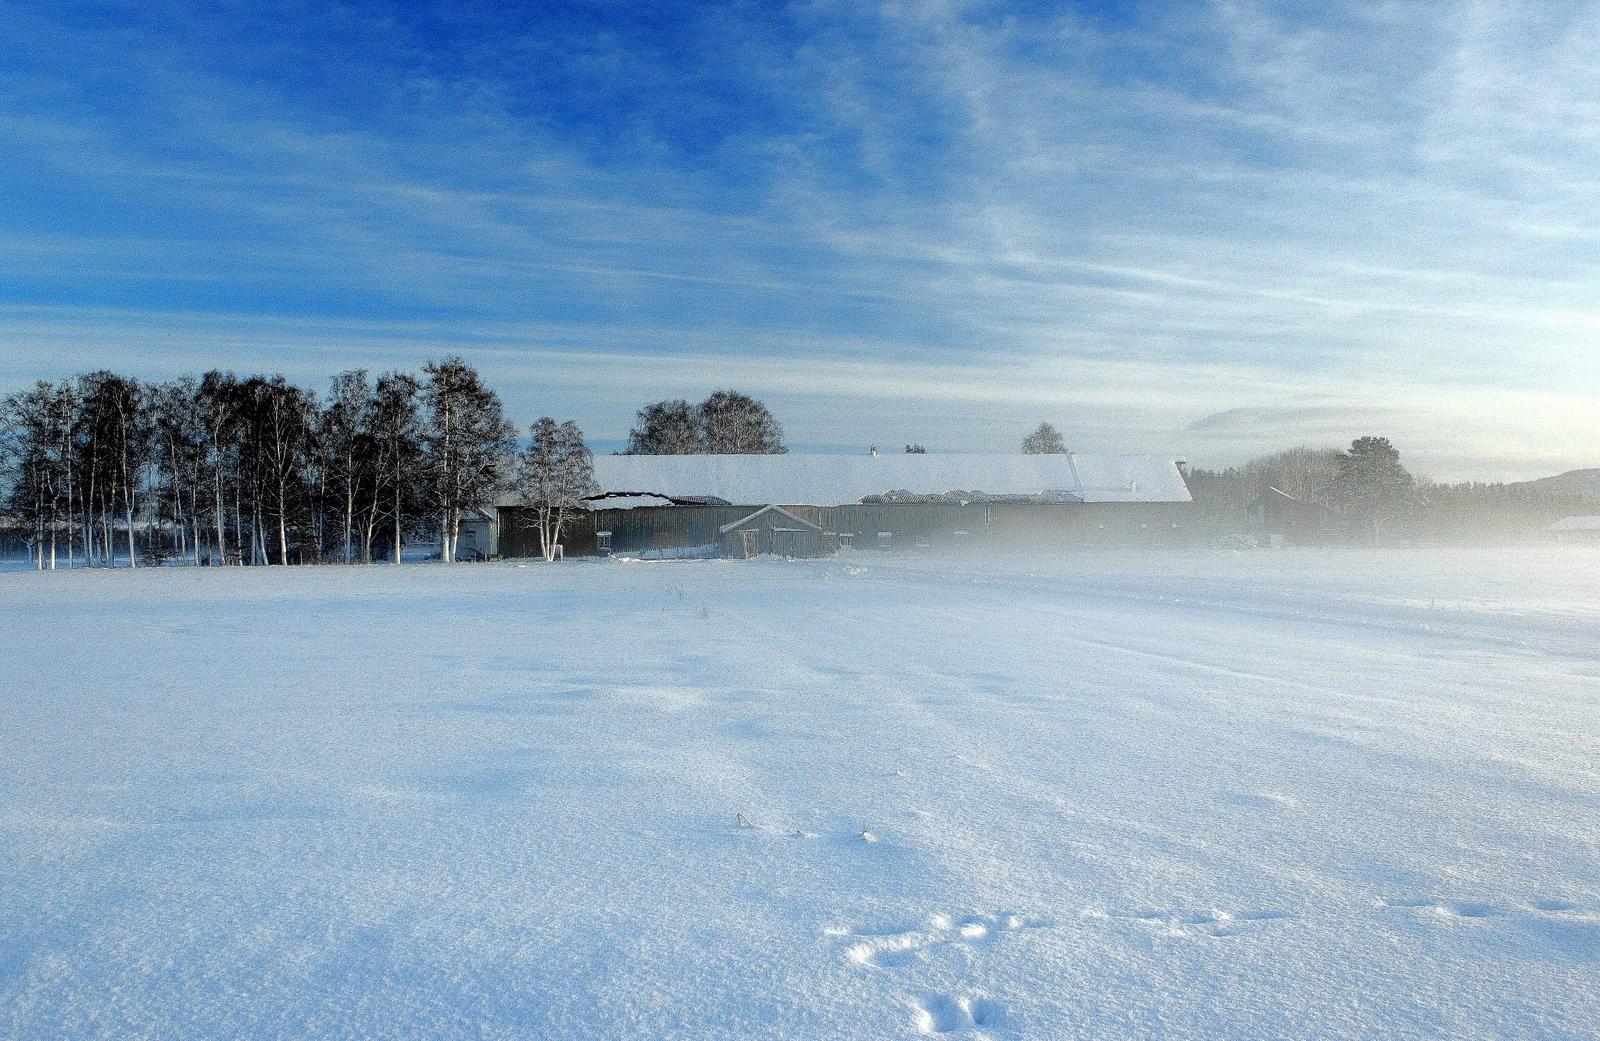 Mot Fæby gård i Verdal